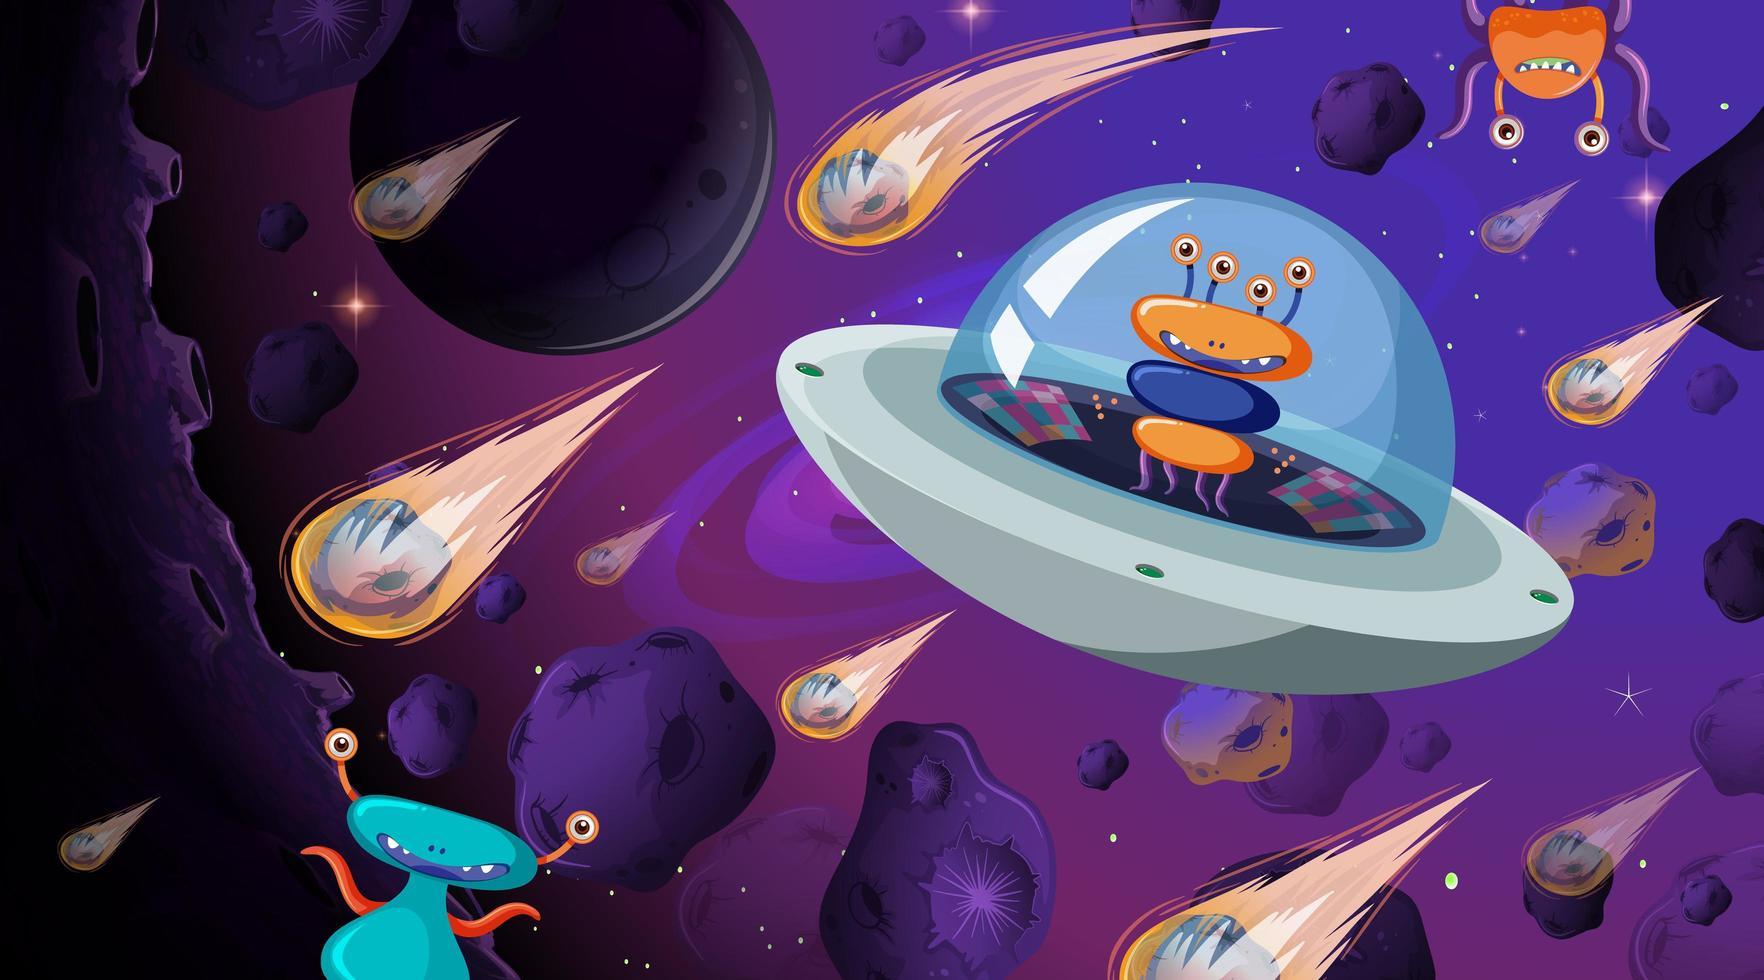 extraterrestre dans un vaisseau spatial vecteur